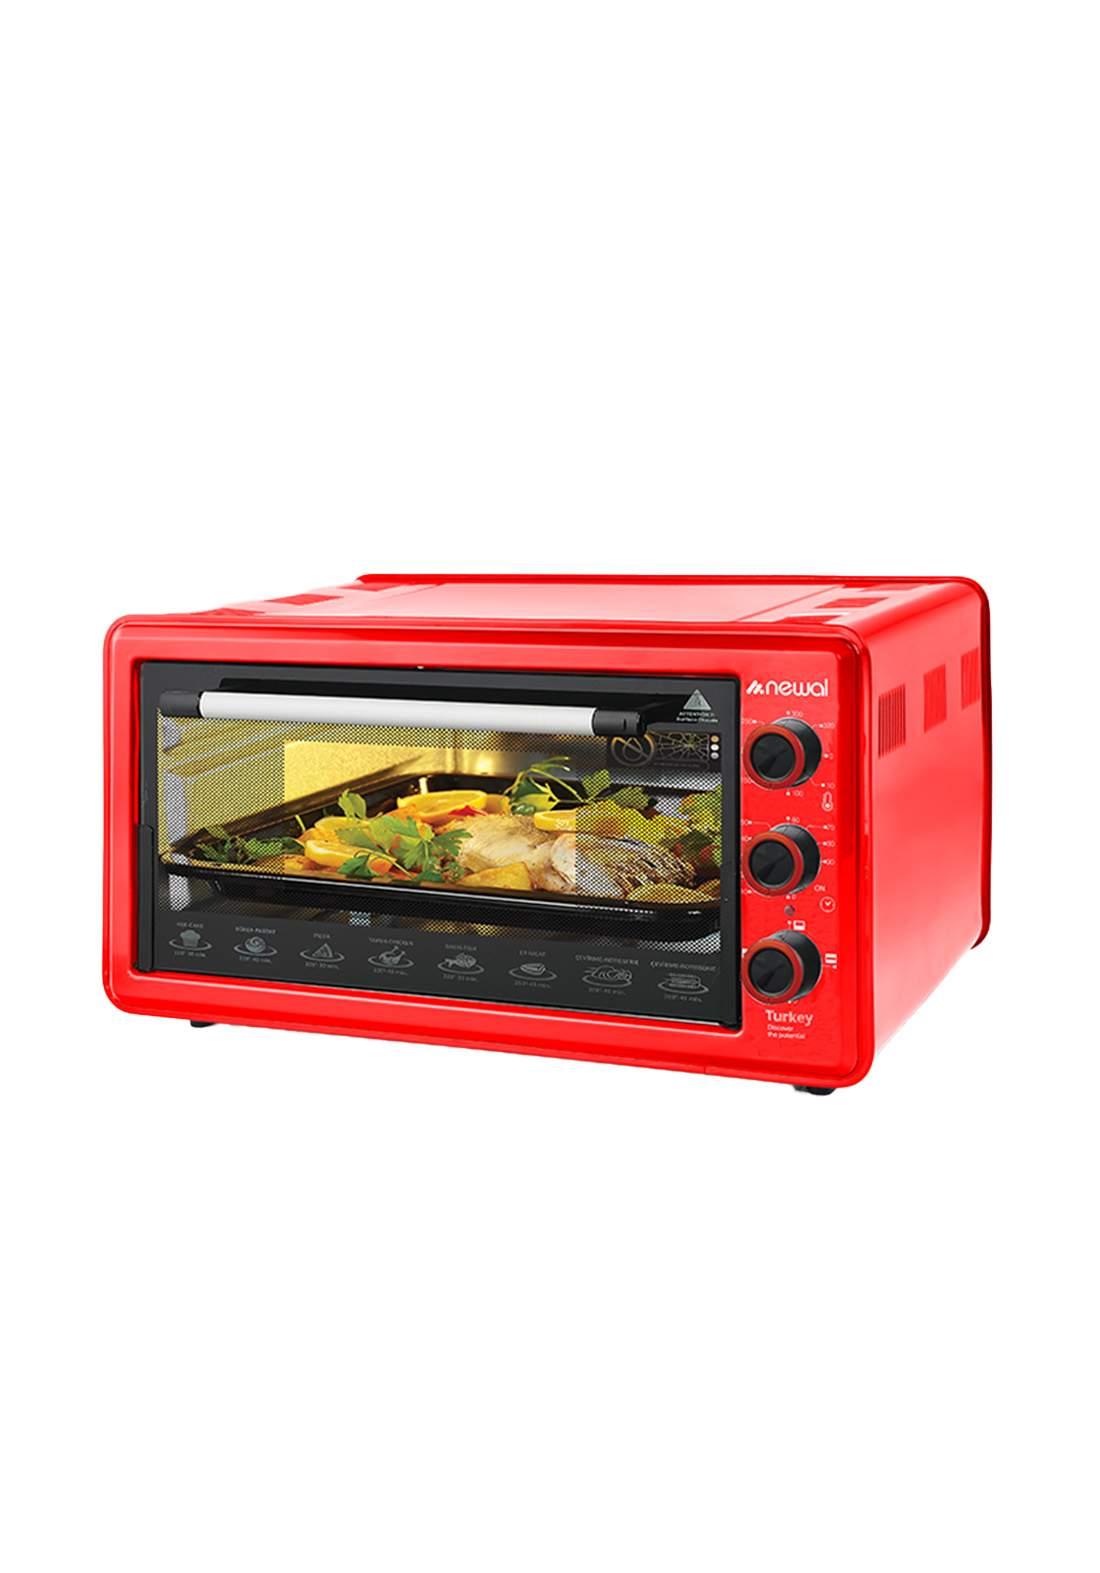 Newal Mini Oven 45L MOV-451-03 - Red فرن كهربائي